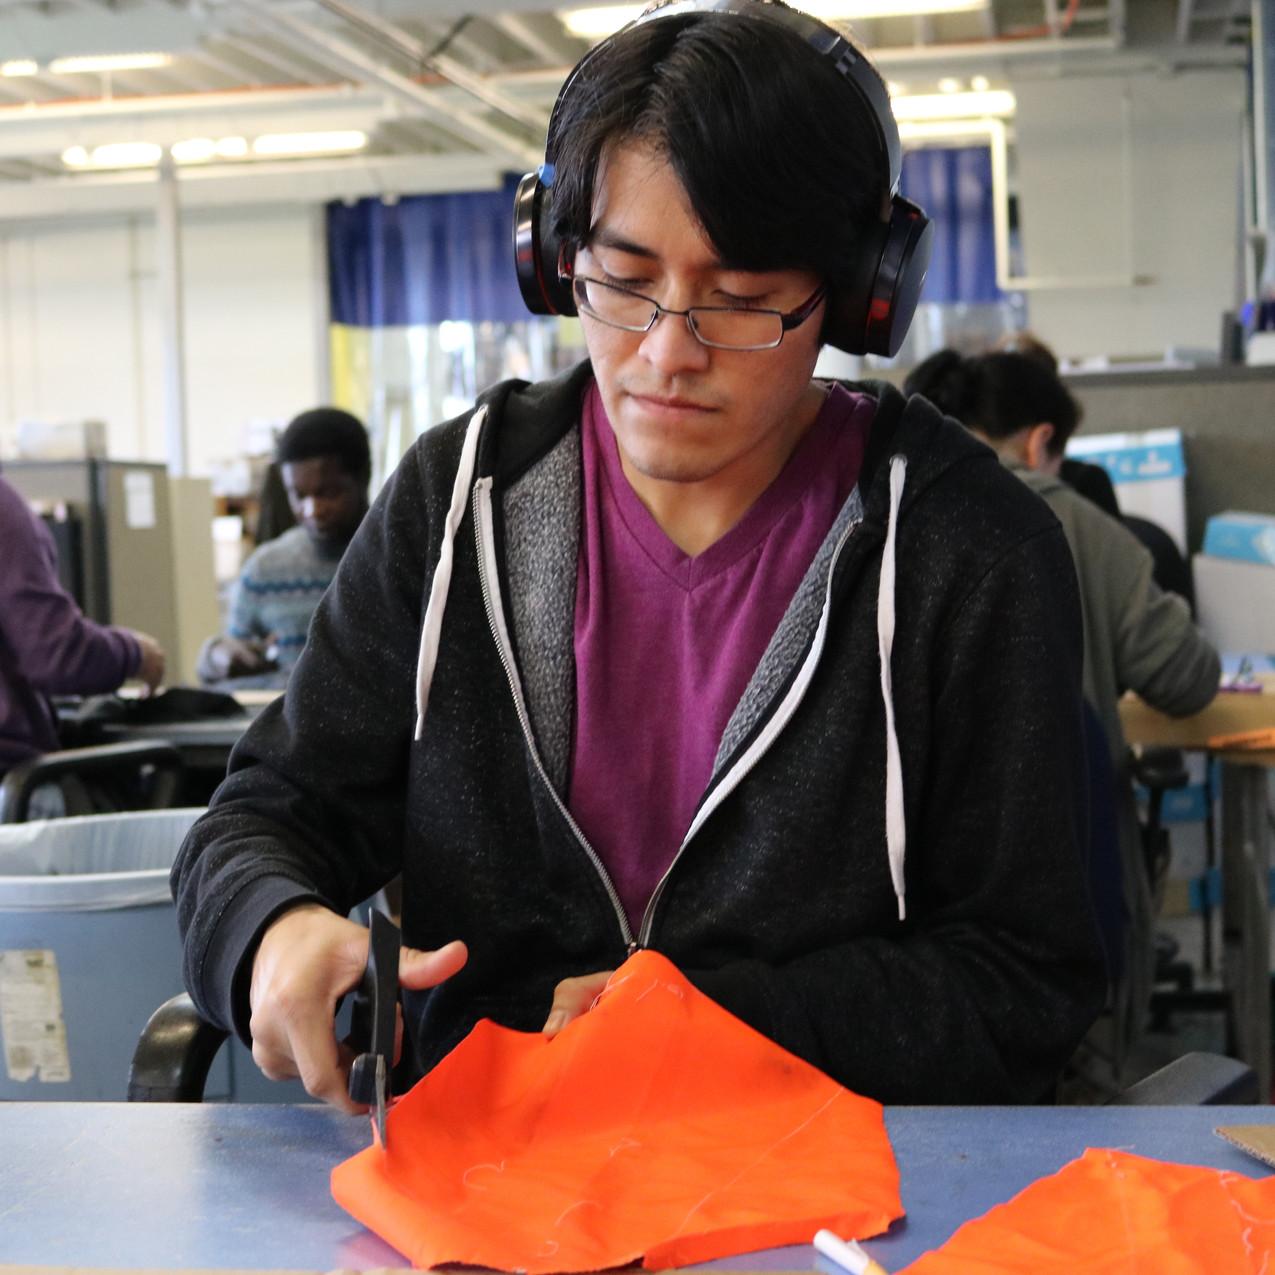 Relay Team Member Cuts Fabric